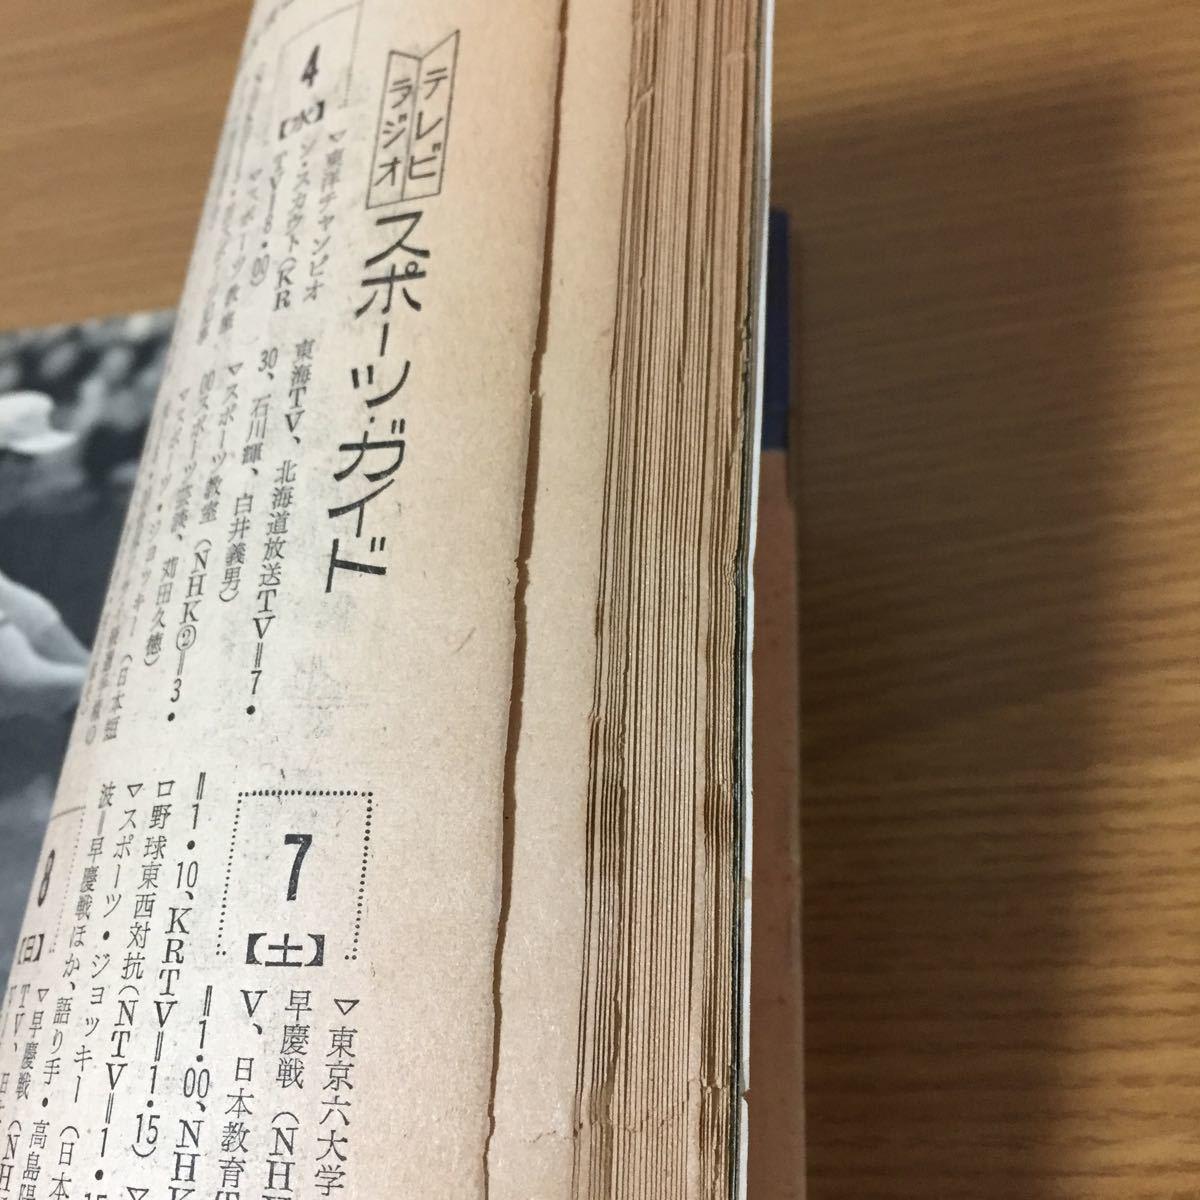 当時物 週刊読売スポーツ 1959年(昭和34年)11月13日発行 野球 巨人 広岡 鶴岡_画像8